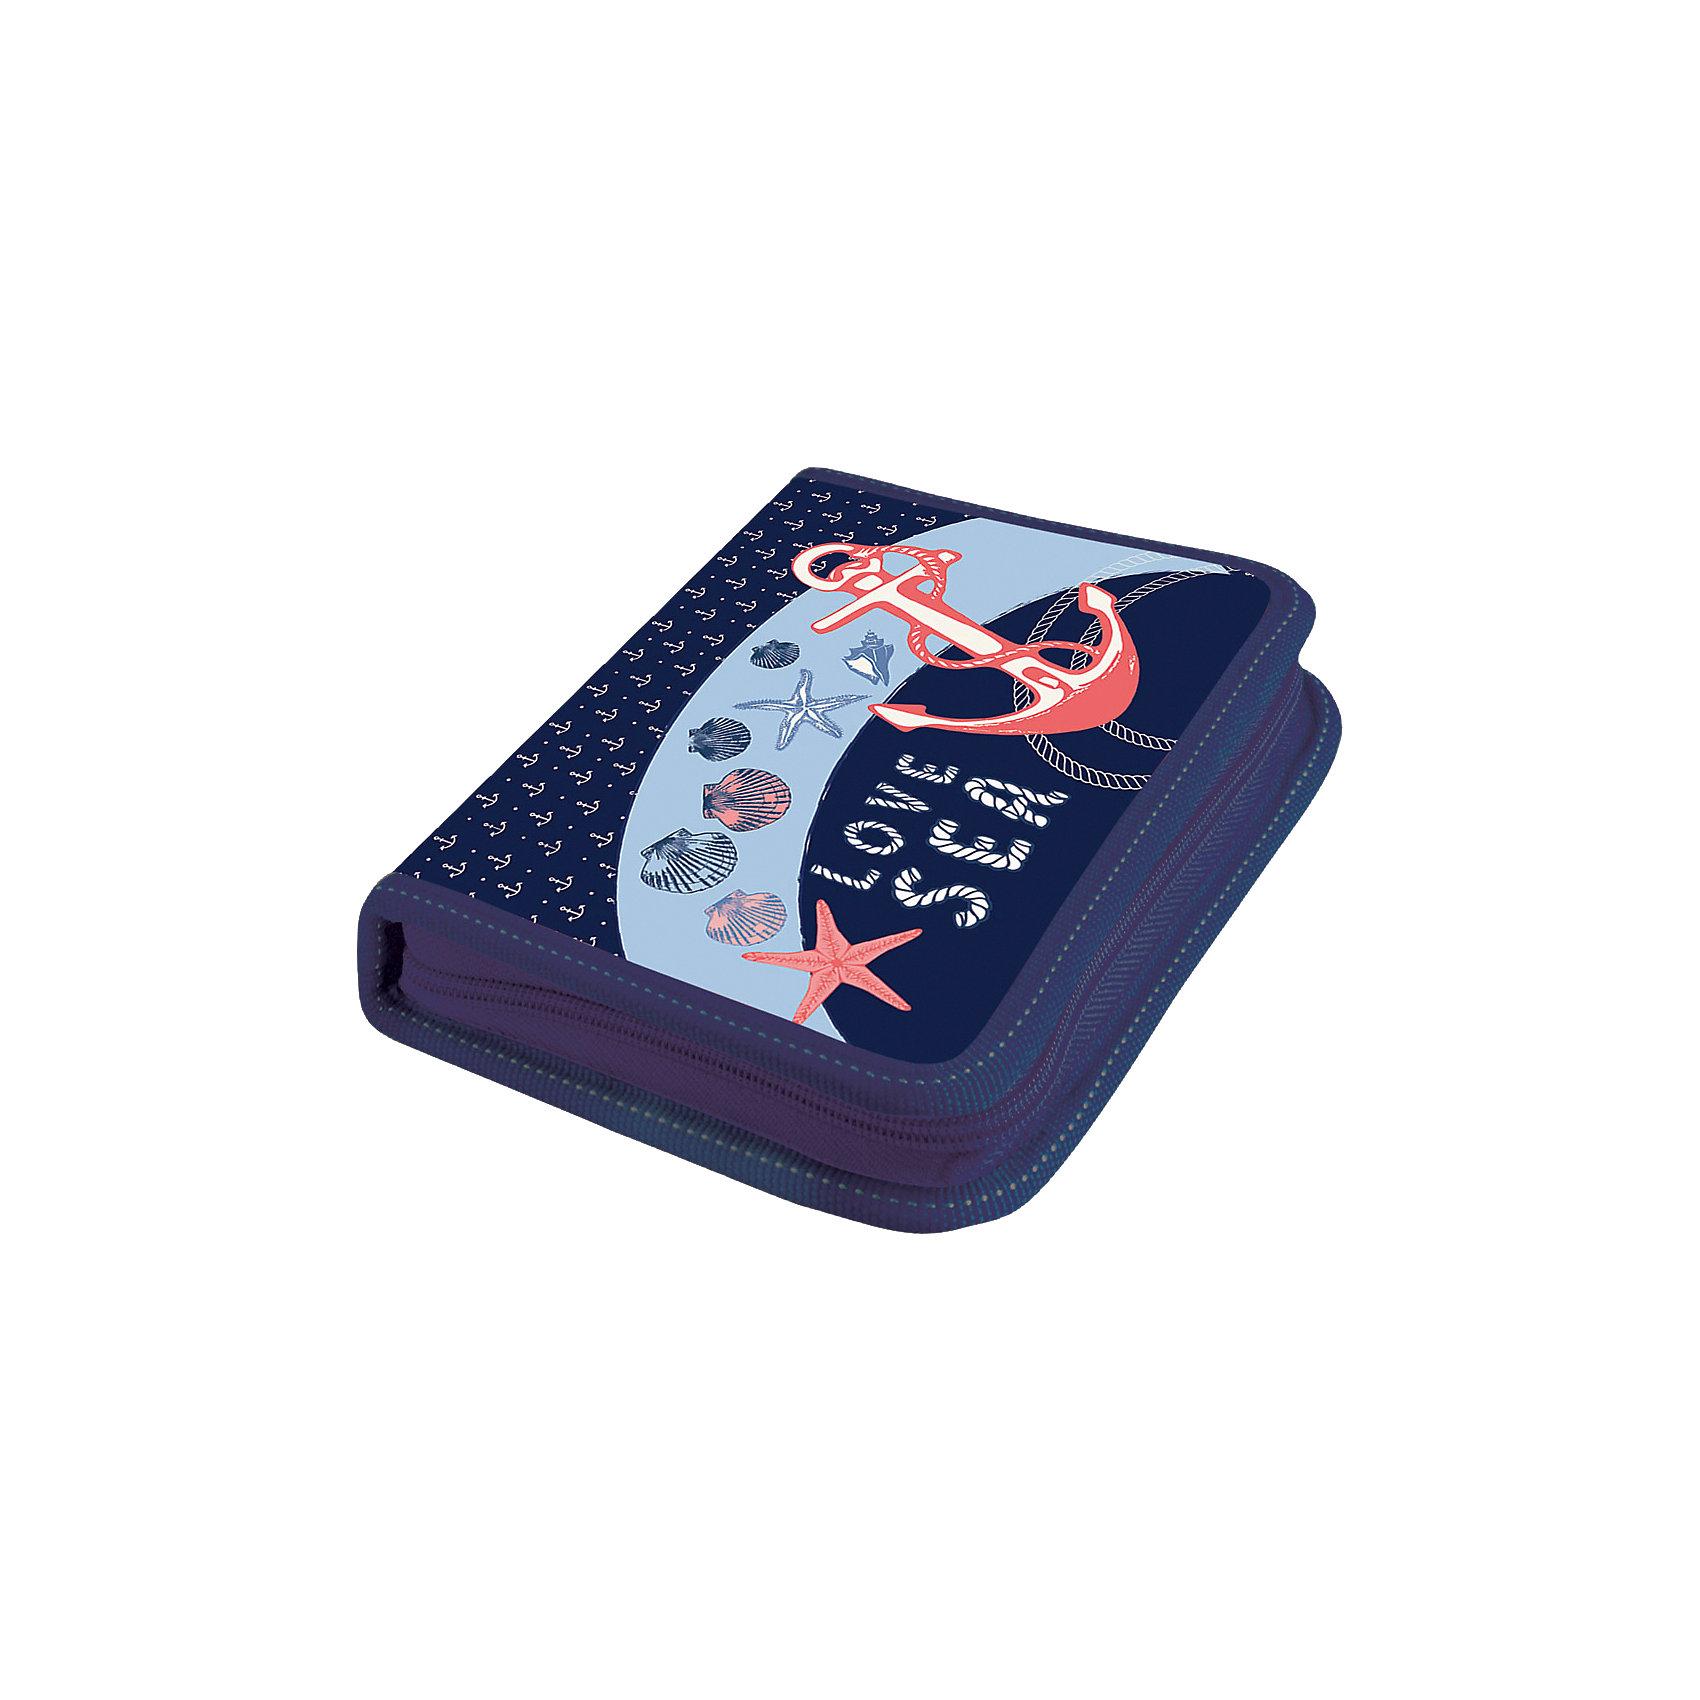 Пенал Море, LimpopoПеналы без наполнения<br>Школьный пенал - одна из самых важных вещей для успешной учебы ребенка. Пенал широкий, двухстворчатый, жесткий, ламинированный, на молнии, без наполнения. Внутри предусмотрены крепления для канцелярских принадлежностей. Внутренняя поверхность пенала легко чиститься от следов ручек и карандашей с помощью влажной тряпки и мыльного раствора.<br><br>Ширина мм: 195<br>Глубина мм: 145<br>Высота мм: 250<br>Вес г: 108<br>Возраст от месяцев: 36<br>Возраст до месяцев: 168<br>Пол: Женский<br>Возраст: Детский<br>SKU: 5528379